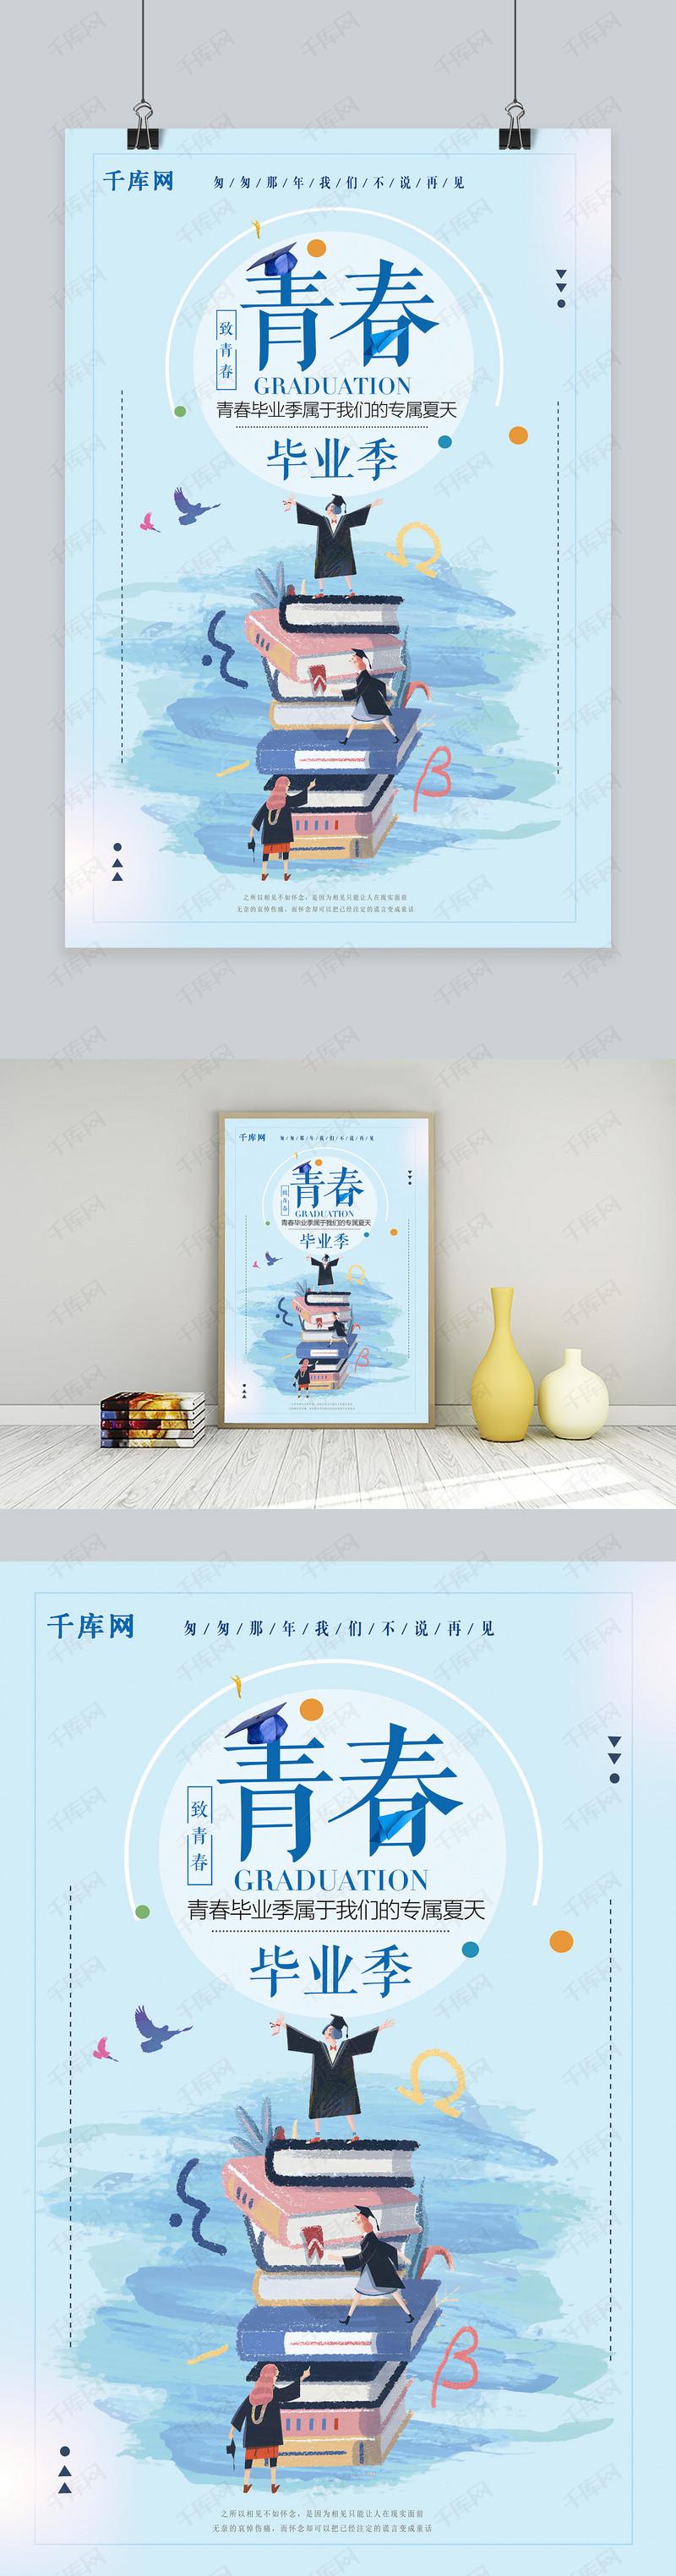 千库原创蓝色青春毕业季海报